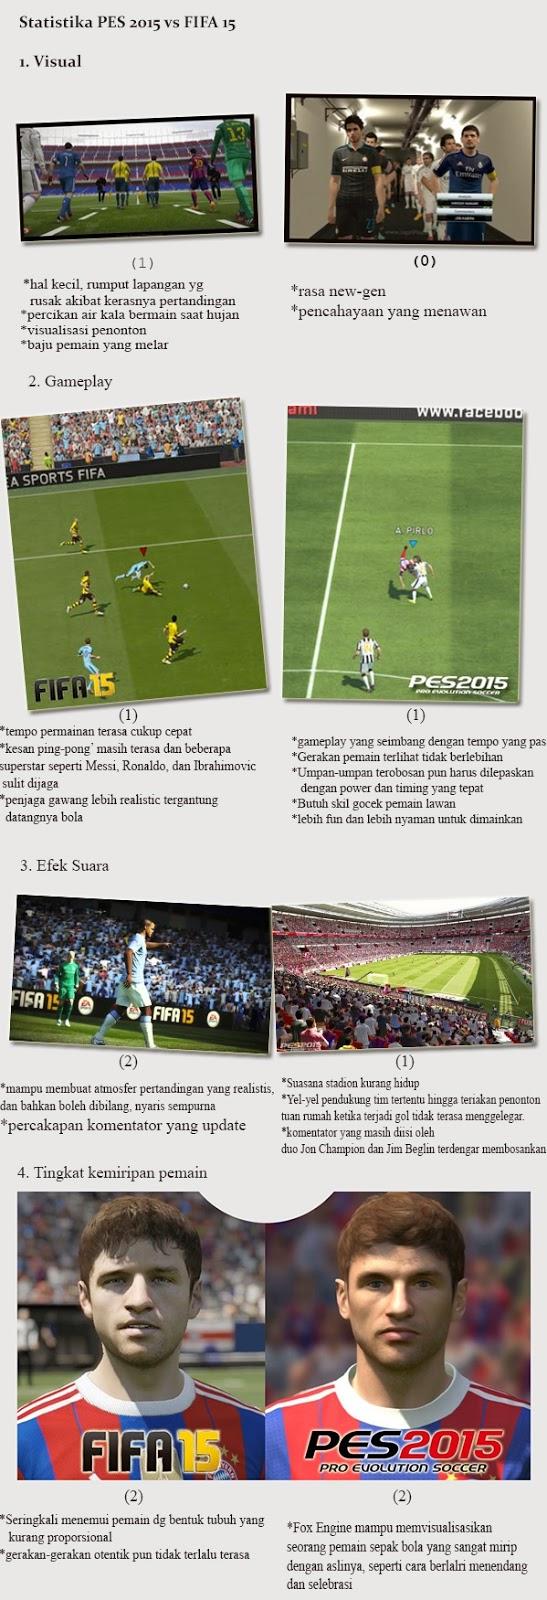 pertarungan pes 2015 vs fifa 15